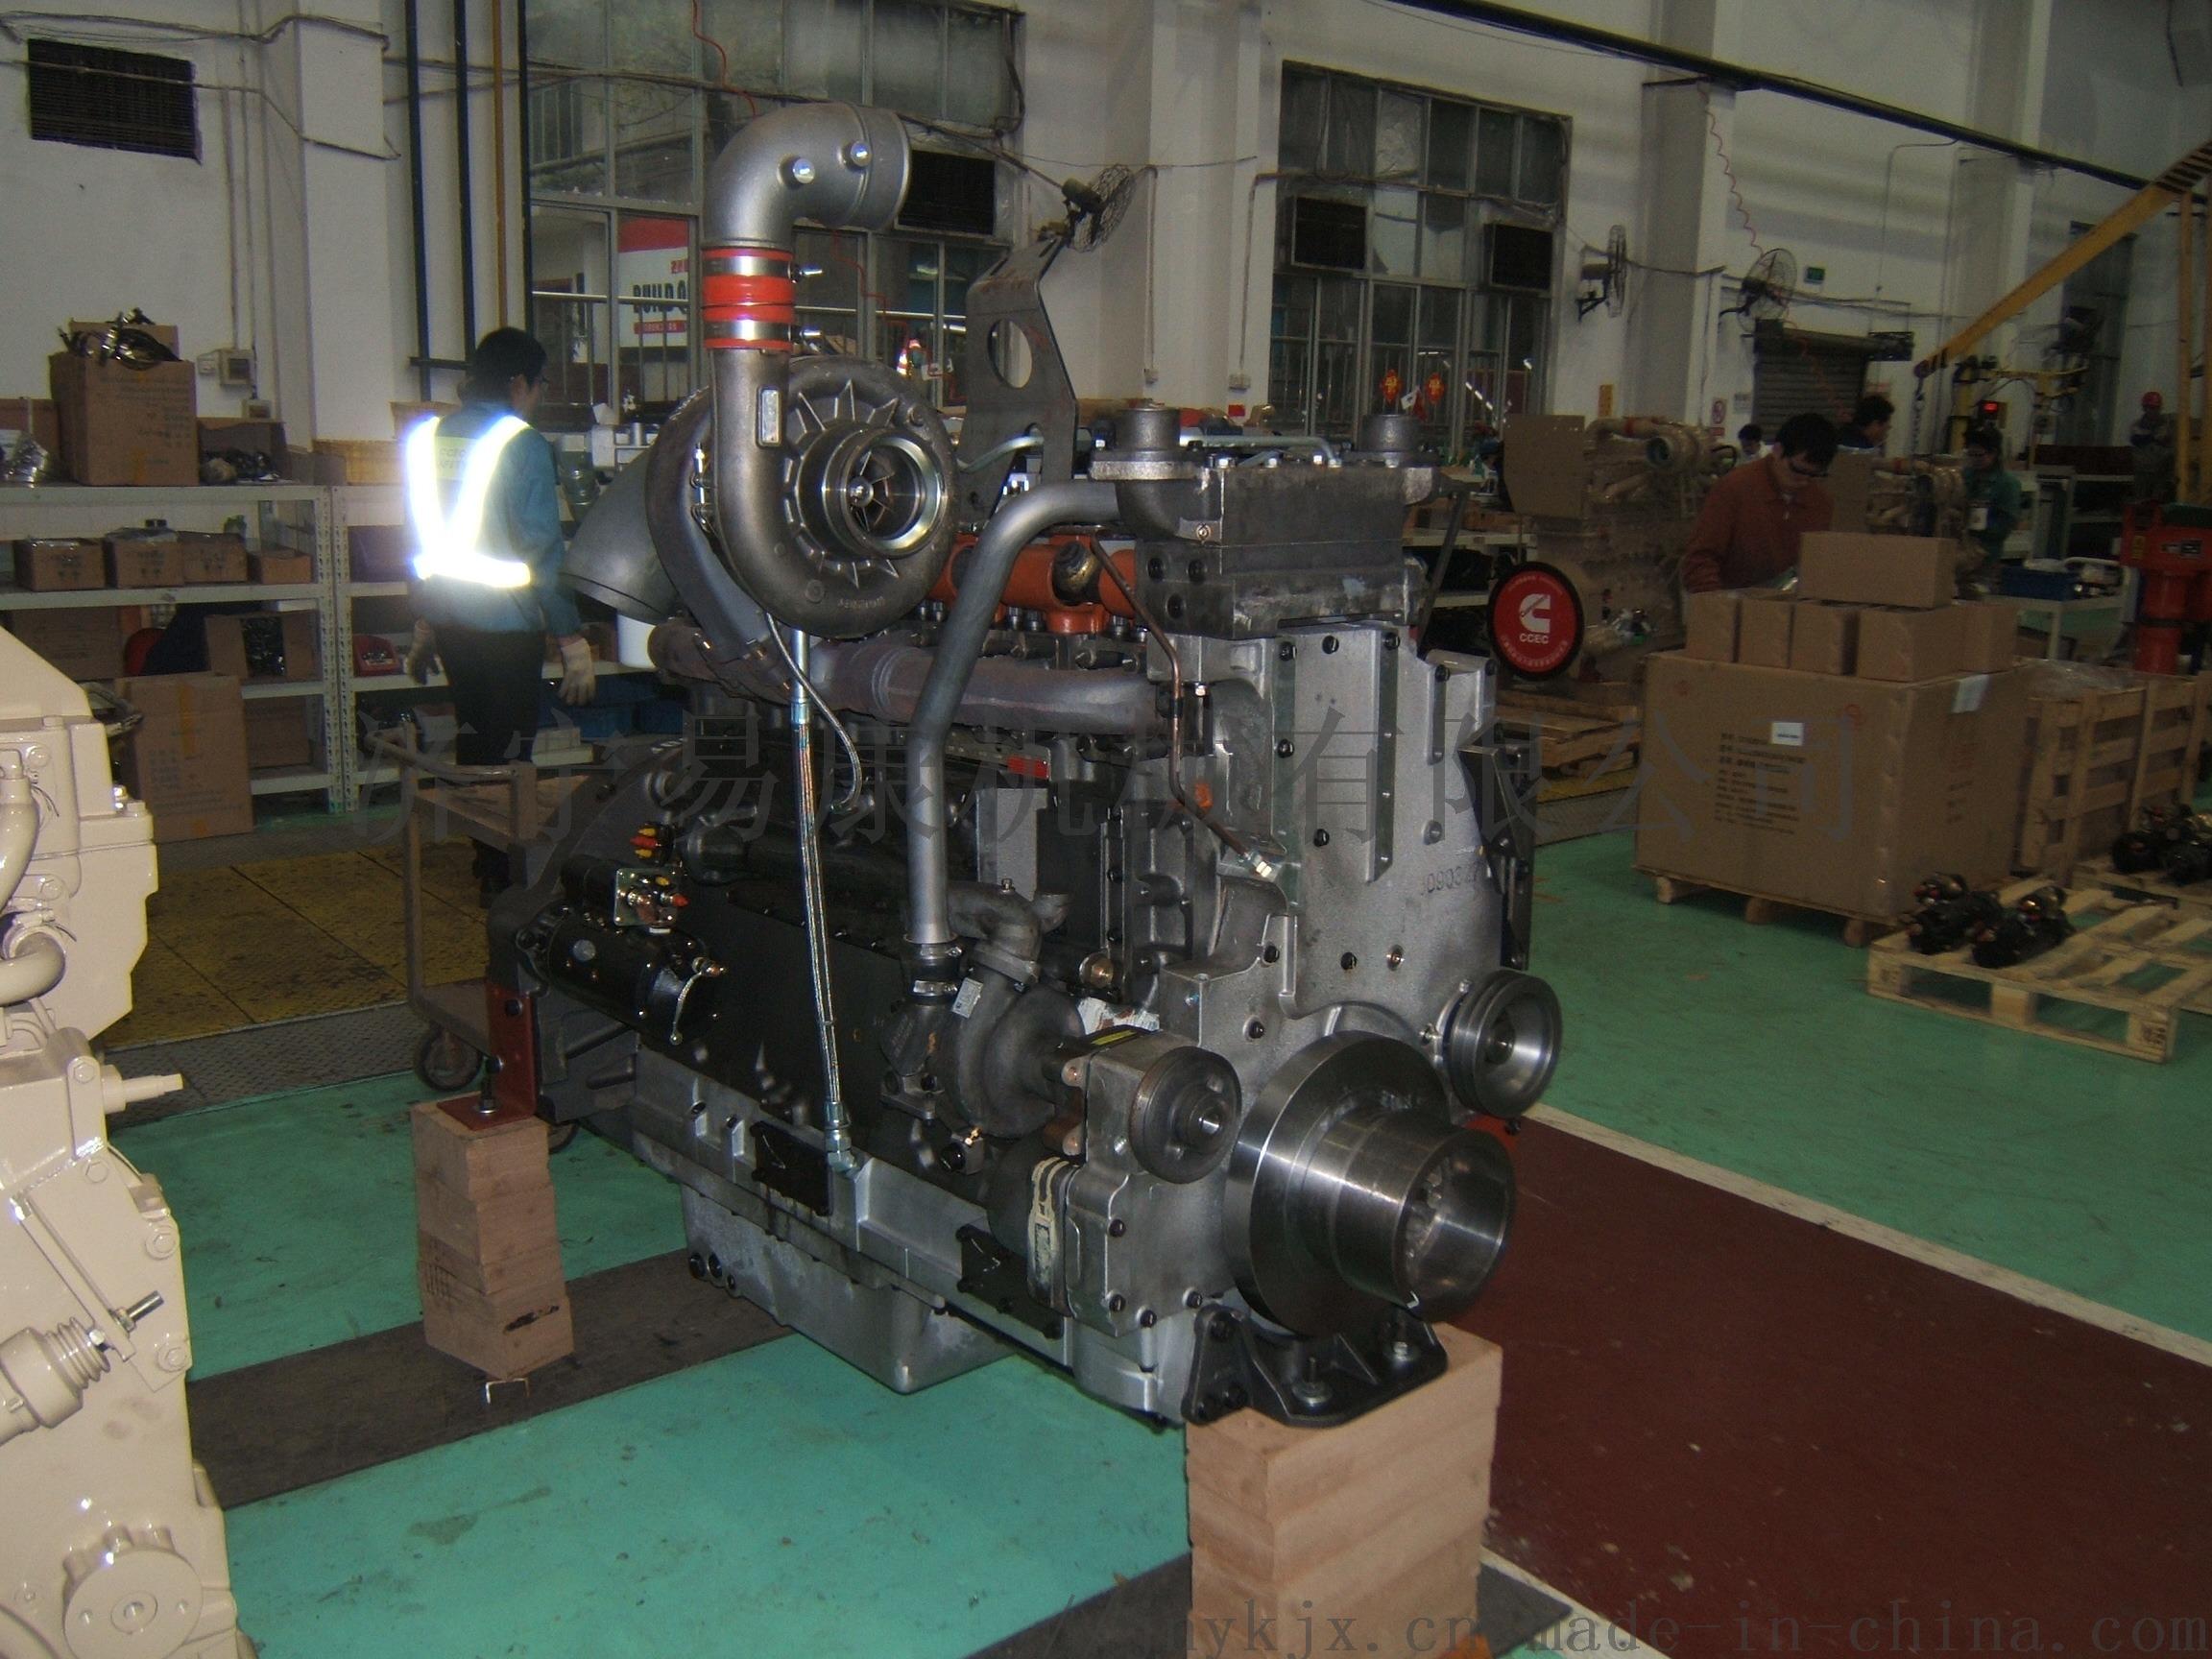 DSCF3448.JPG